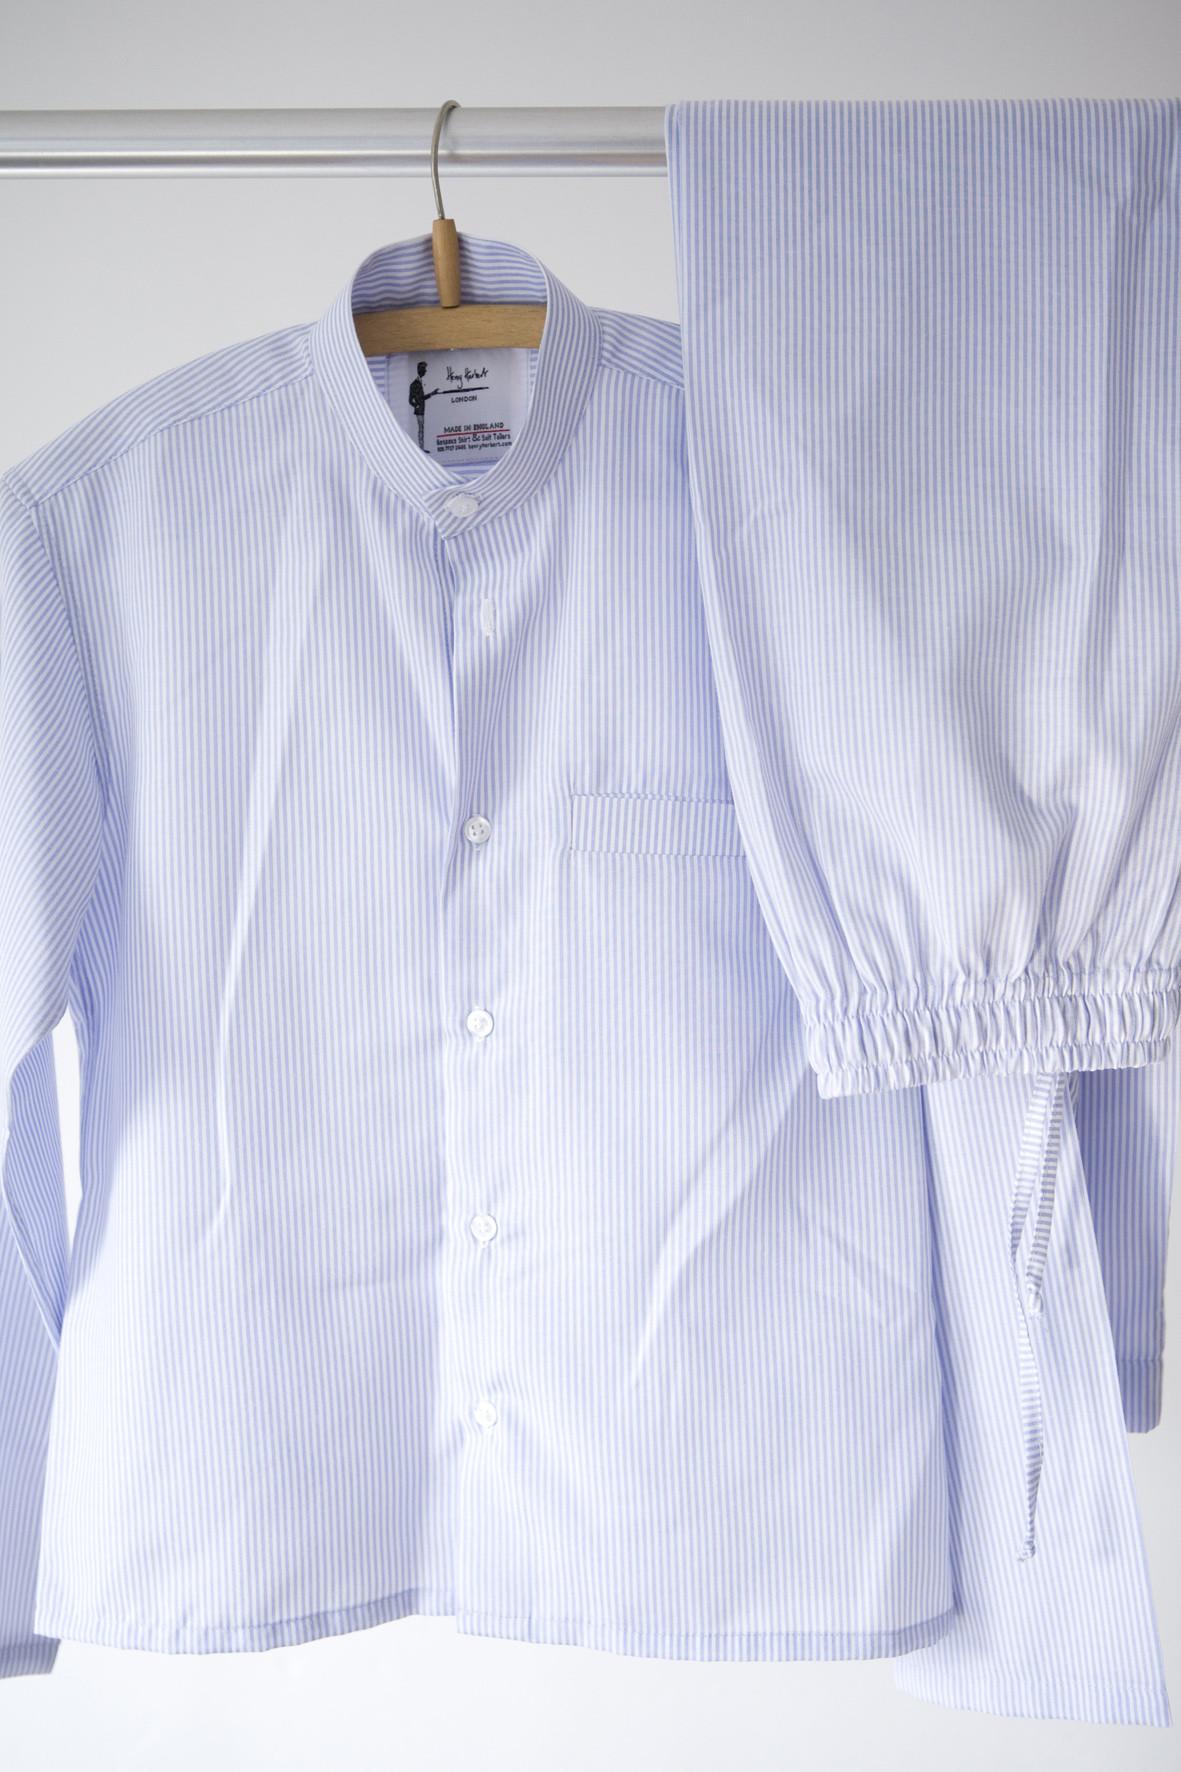 Bespoke Shirt Pyjamas Savile Row